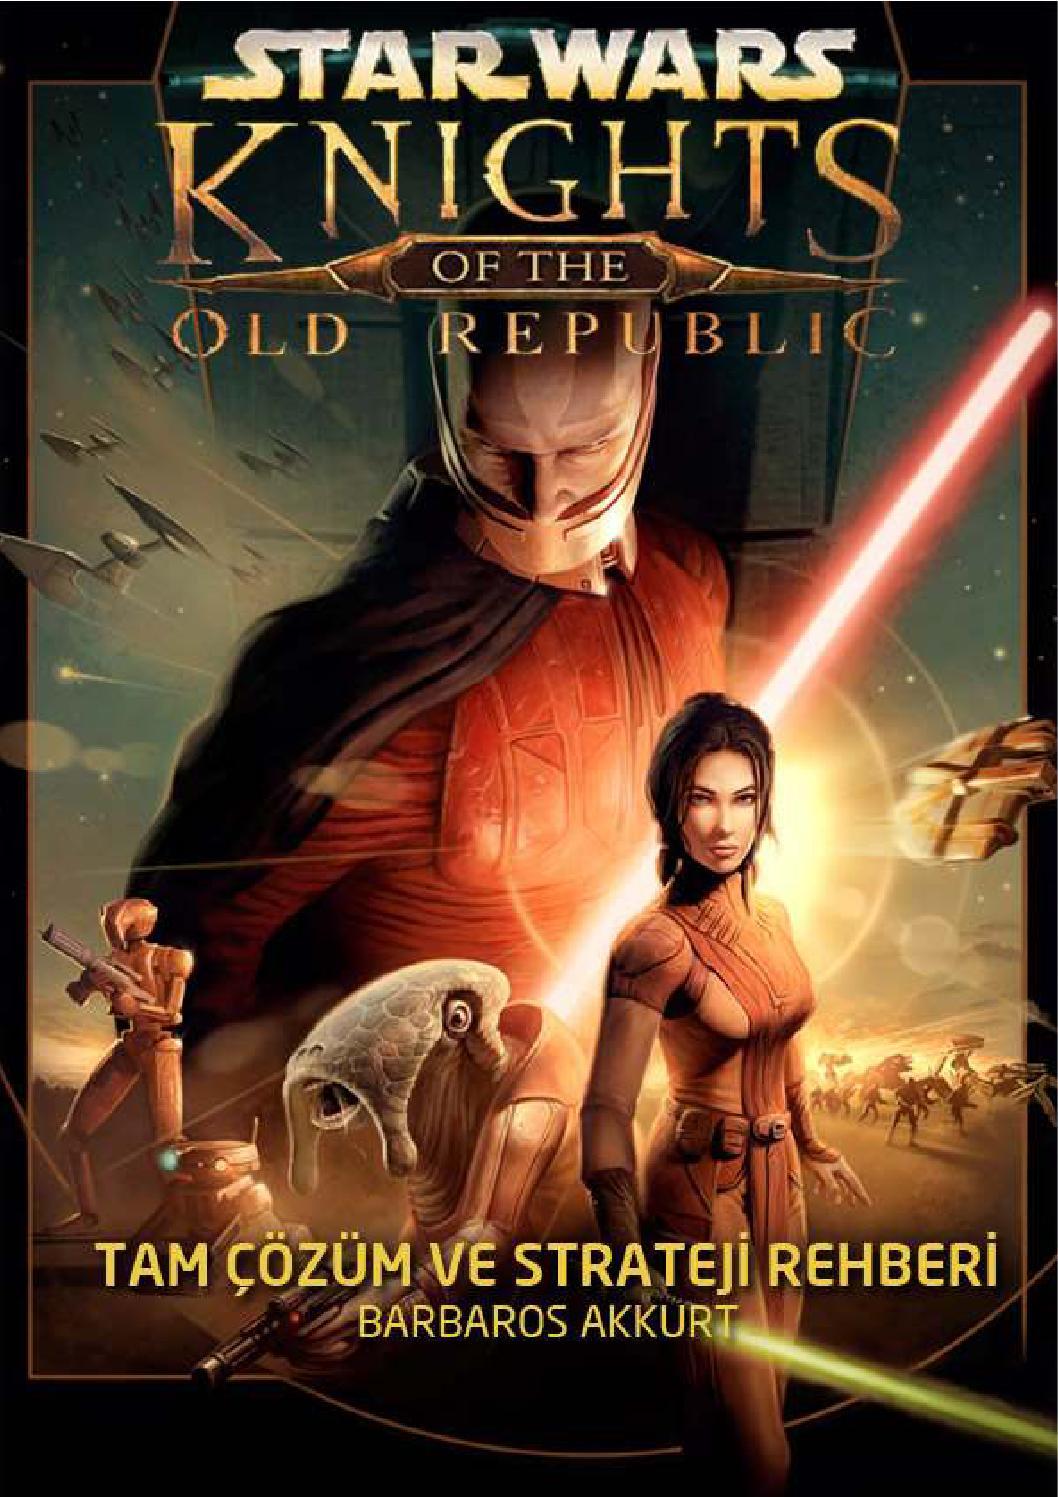 Star Wars Bir kült destanın aktörleri 40